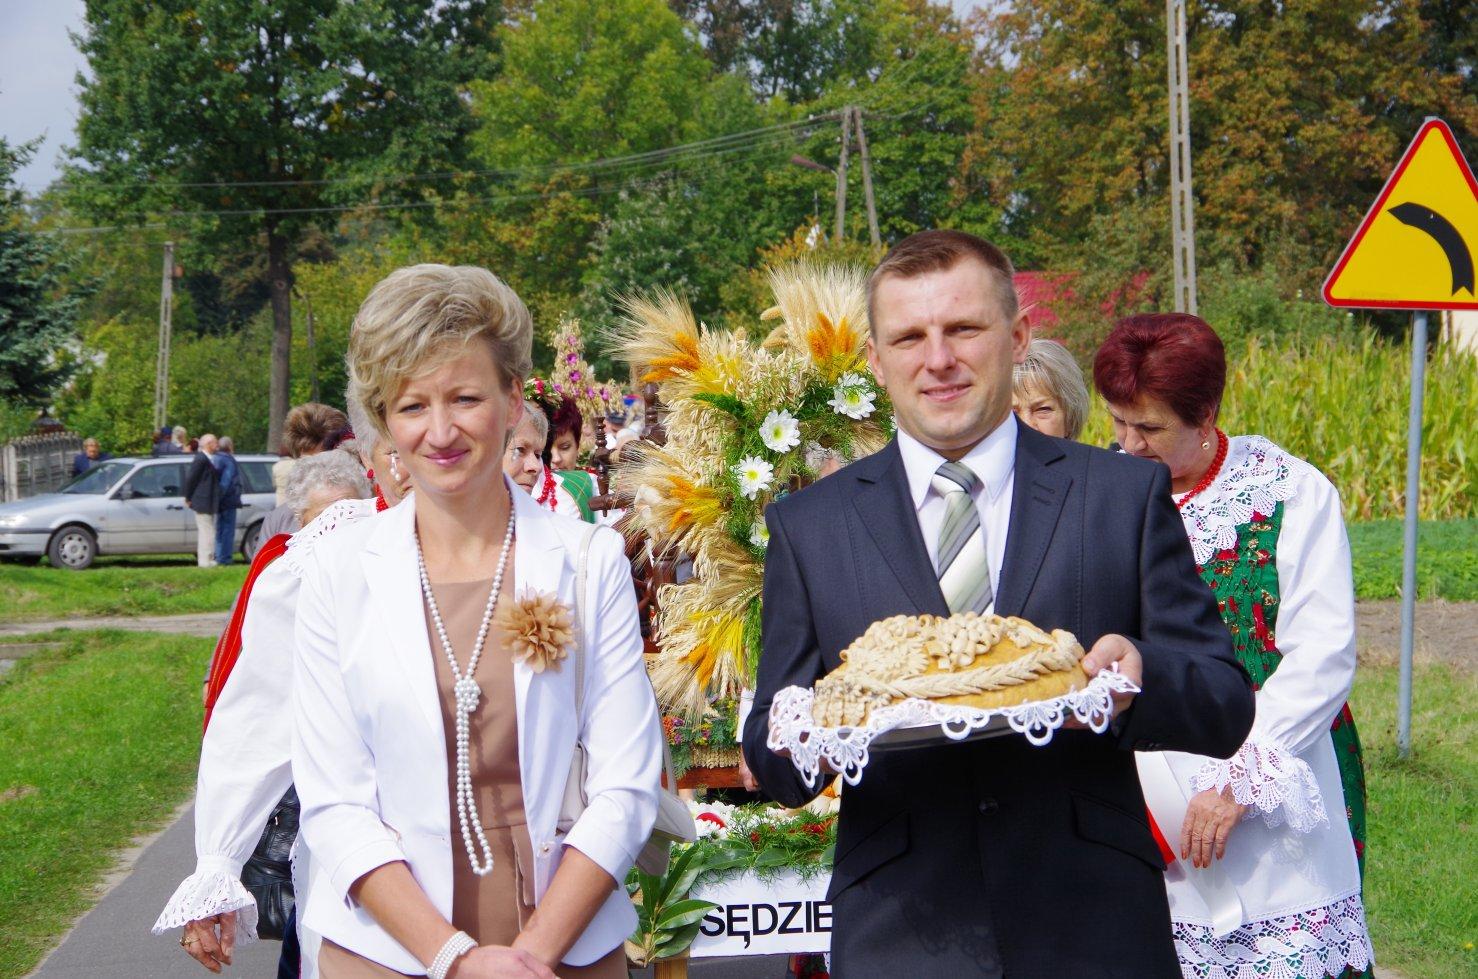 gminno-parafialne dozynki - kamostk 2013 - 007